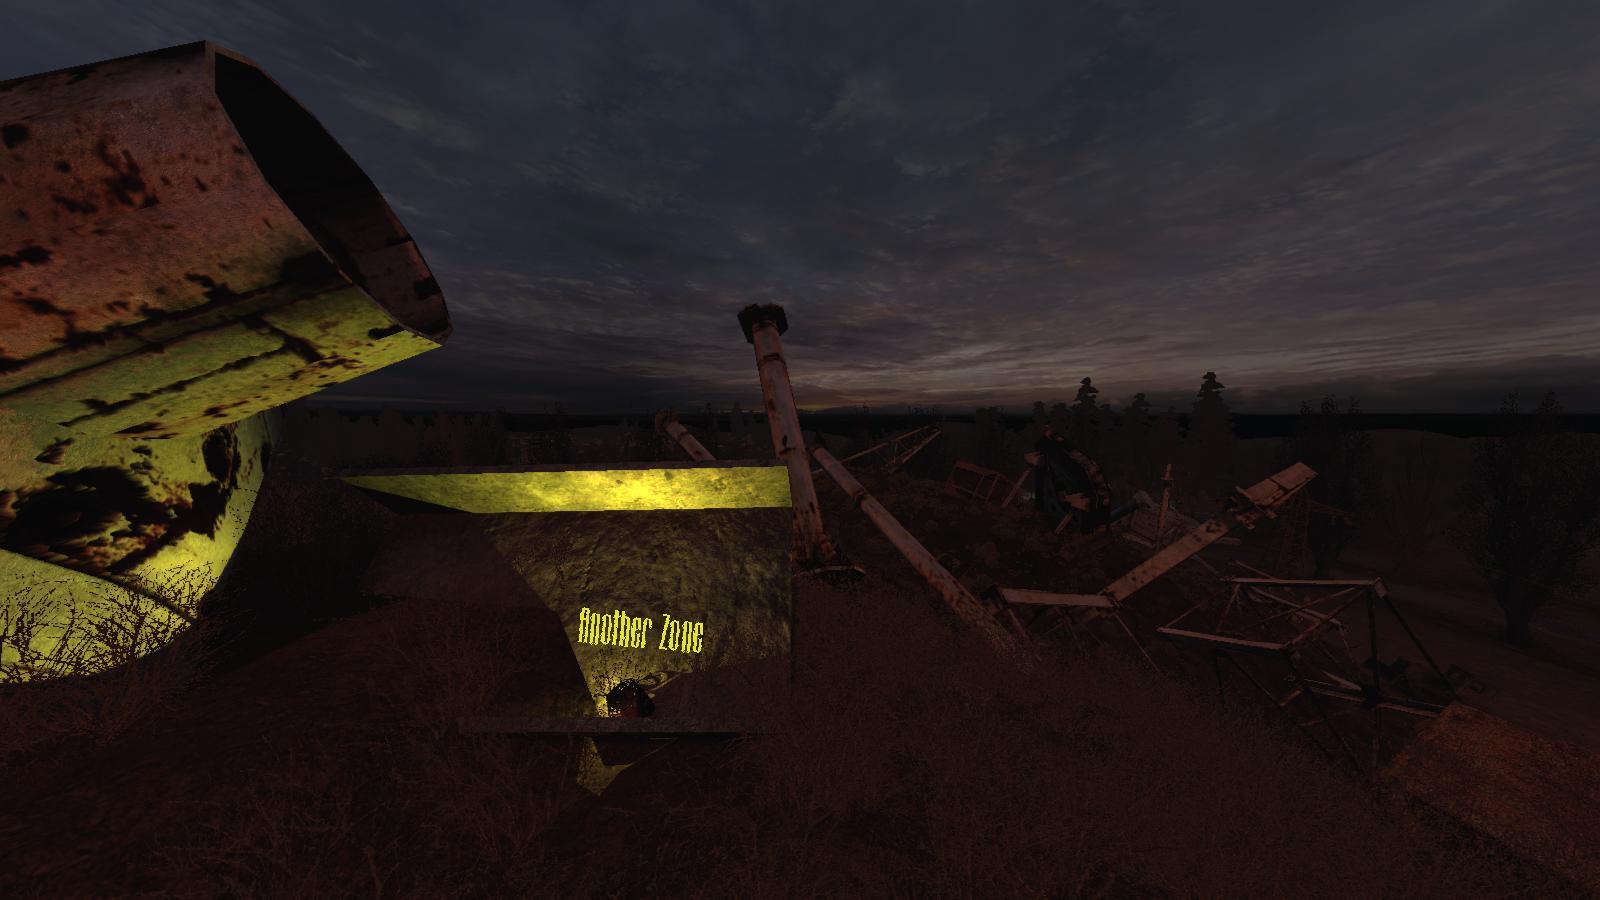 Скачать S.t.a.l.k.e.r Глобальный мод на Тень Чернобыля